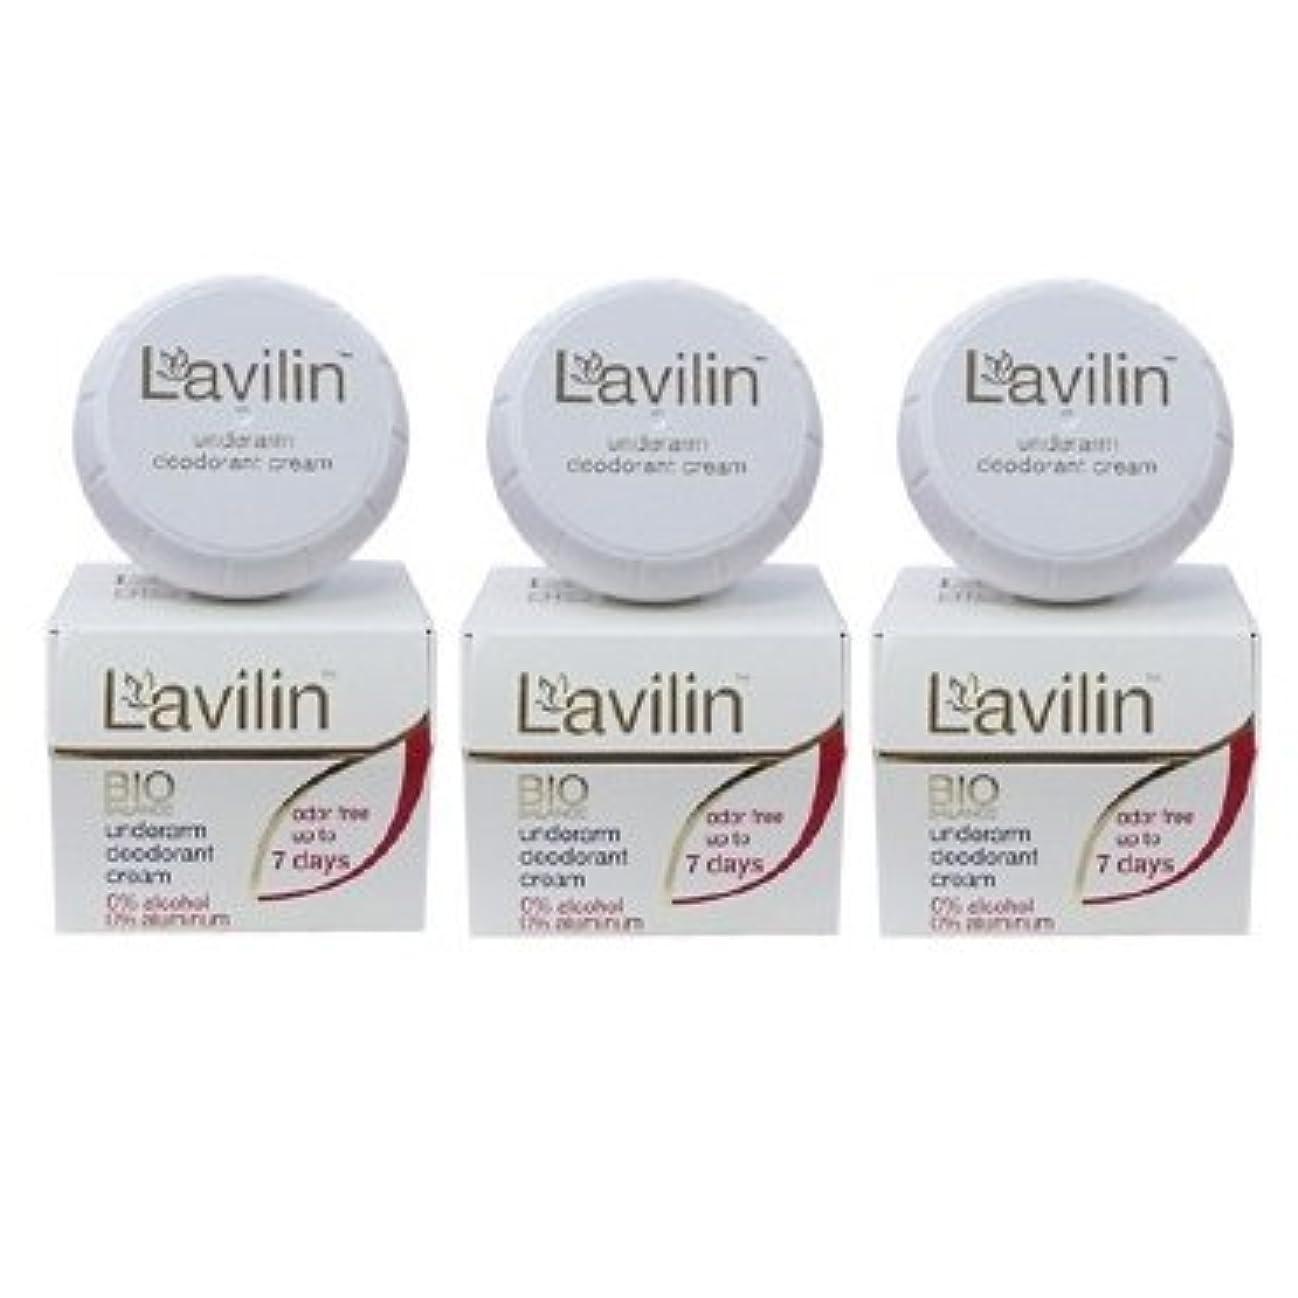 アリススーパーうがい[3個セット][海外直送品][並行輸入品]ラヴィリン アンダーアームクリーム 12.5g(10cc) LAVILIN Under Arm